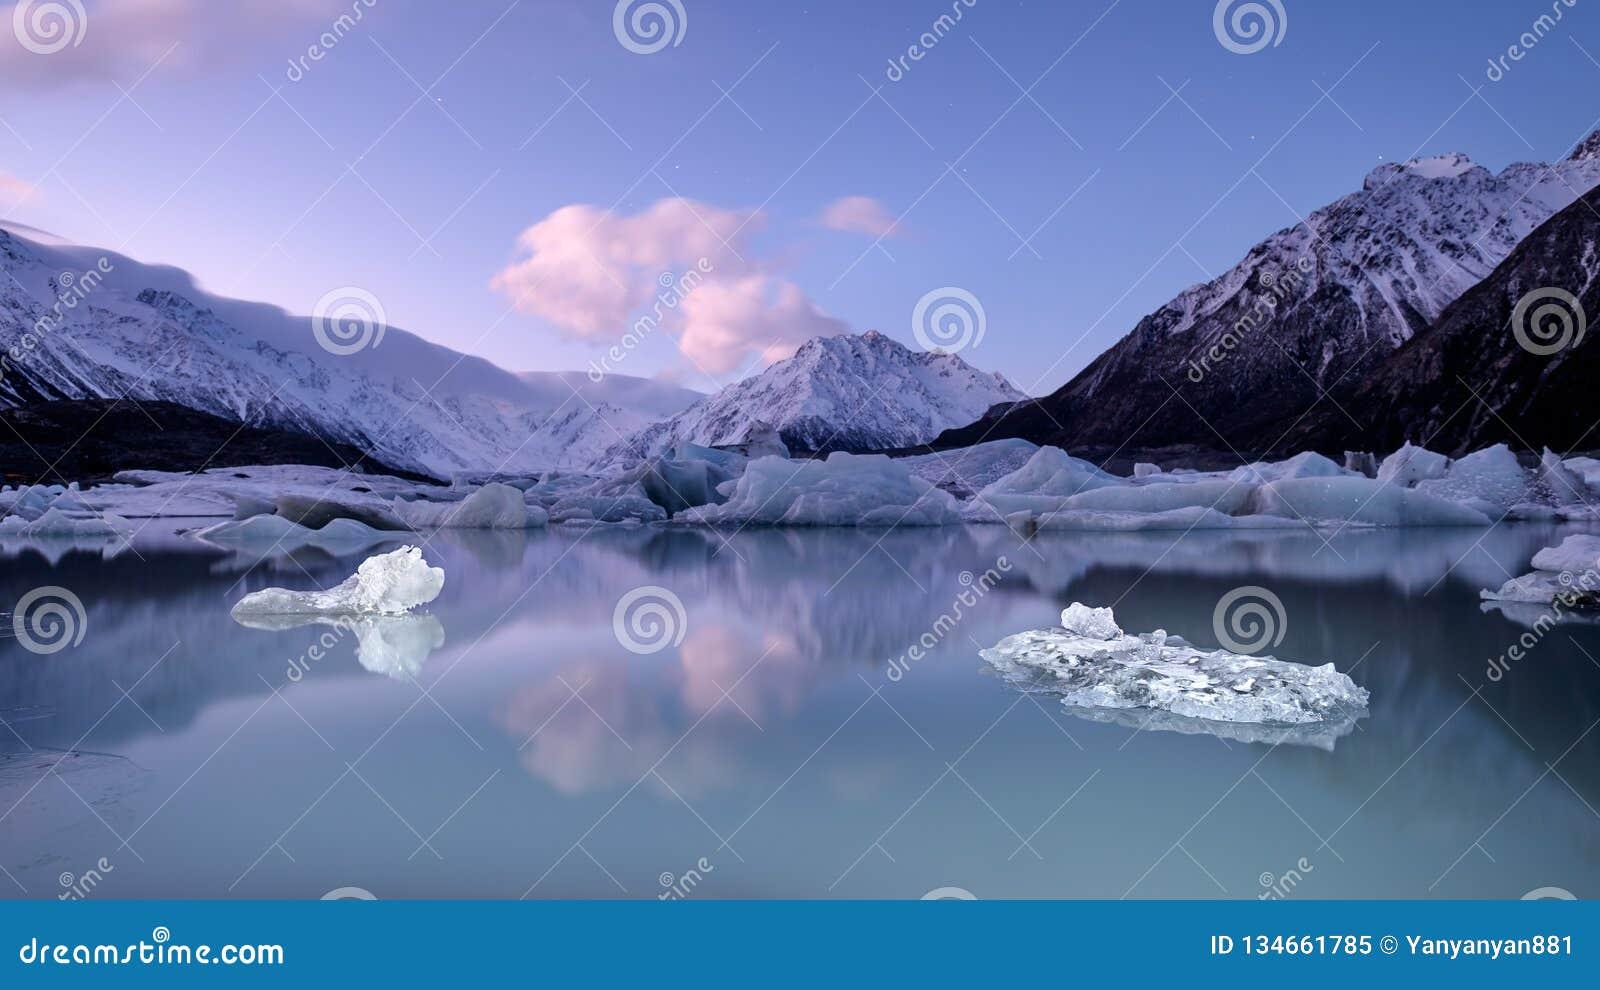 Ειρηνικό τοπίο του βουνού πάγου, παγετώνων, λιμνών και χιονιού στη Νέα Ζηλανδία